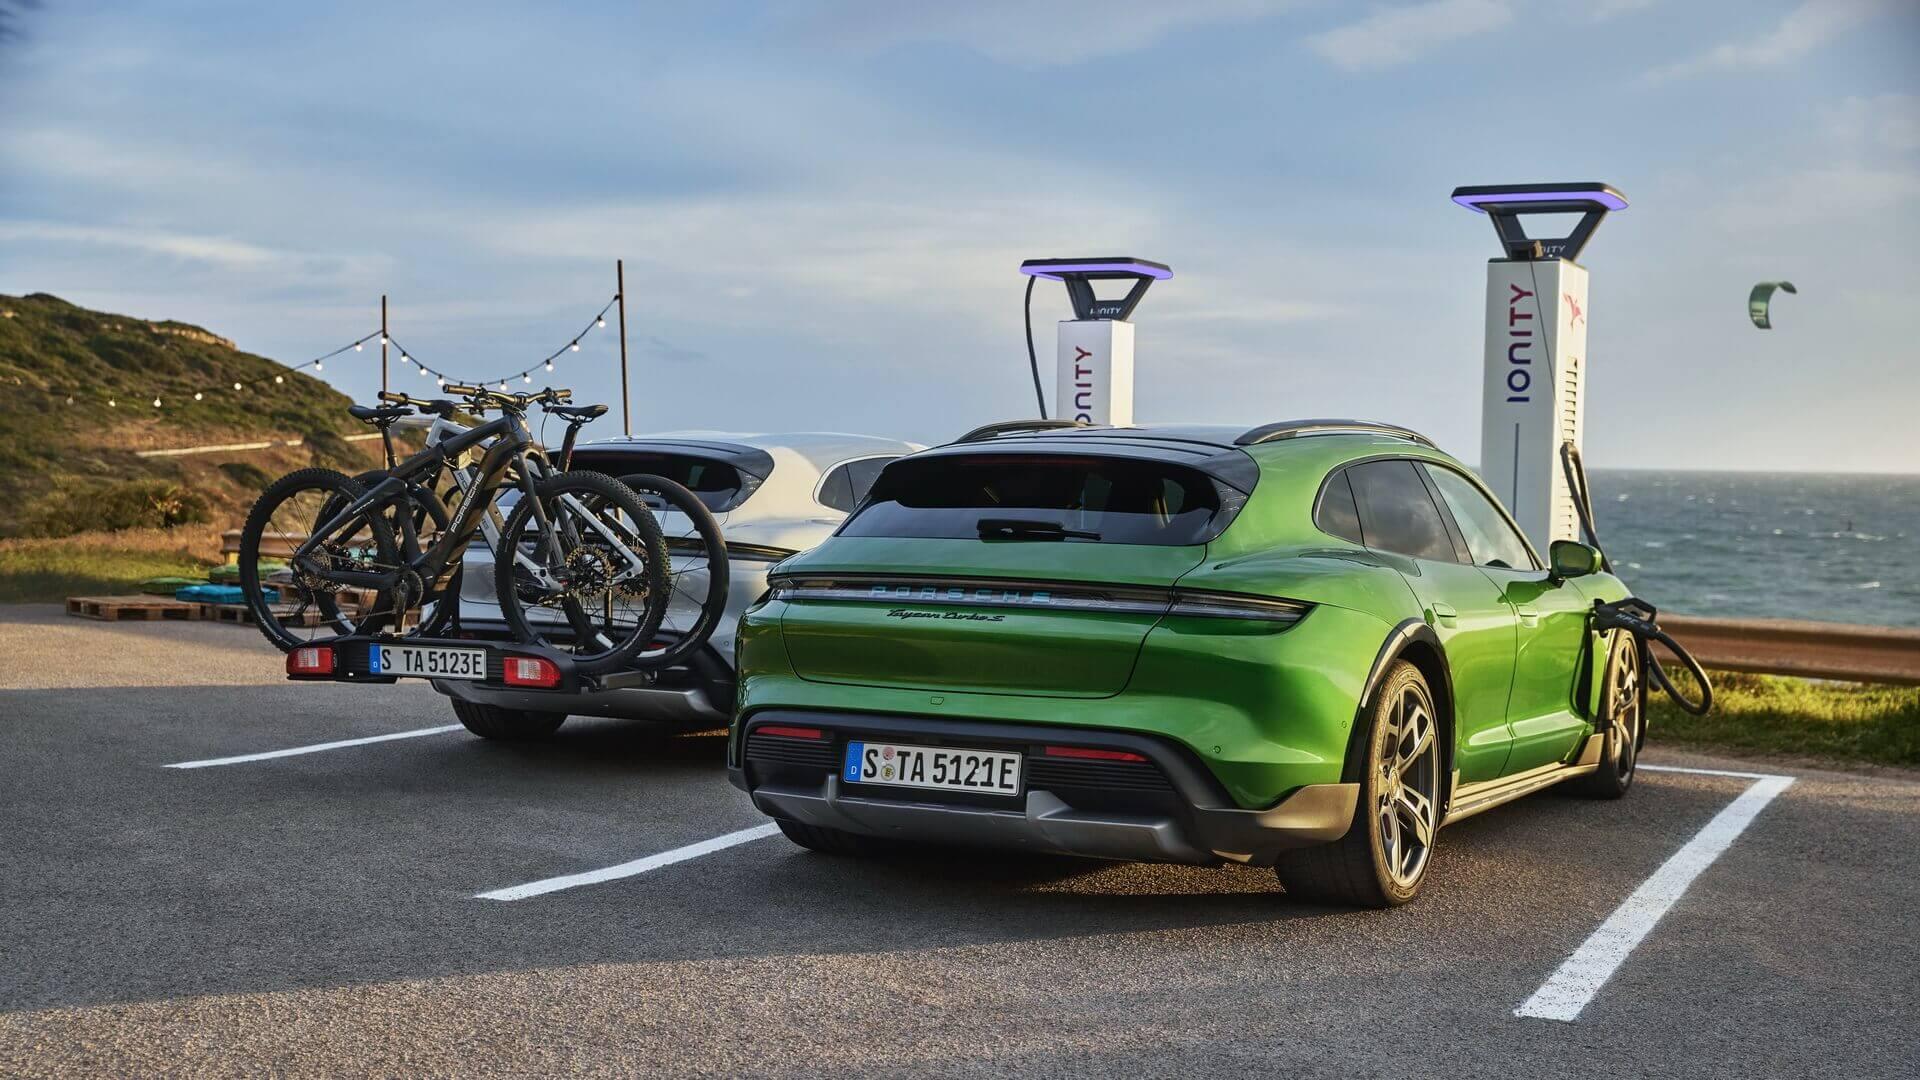 Специально для Taycan Cross Turismo Porsche разработала заднее крепление для 3 велосипедов